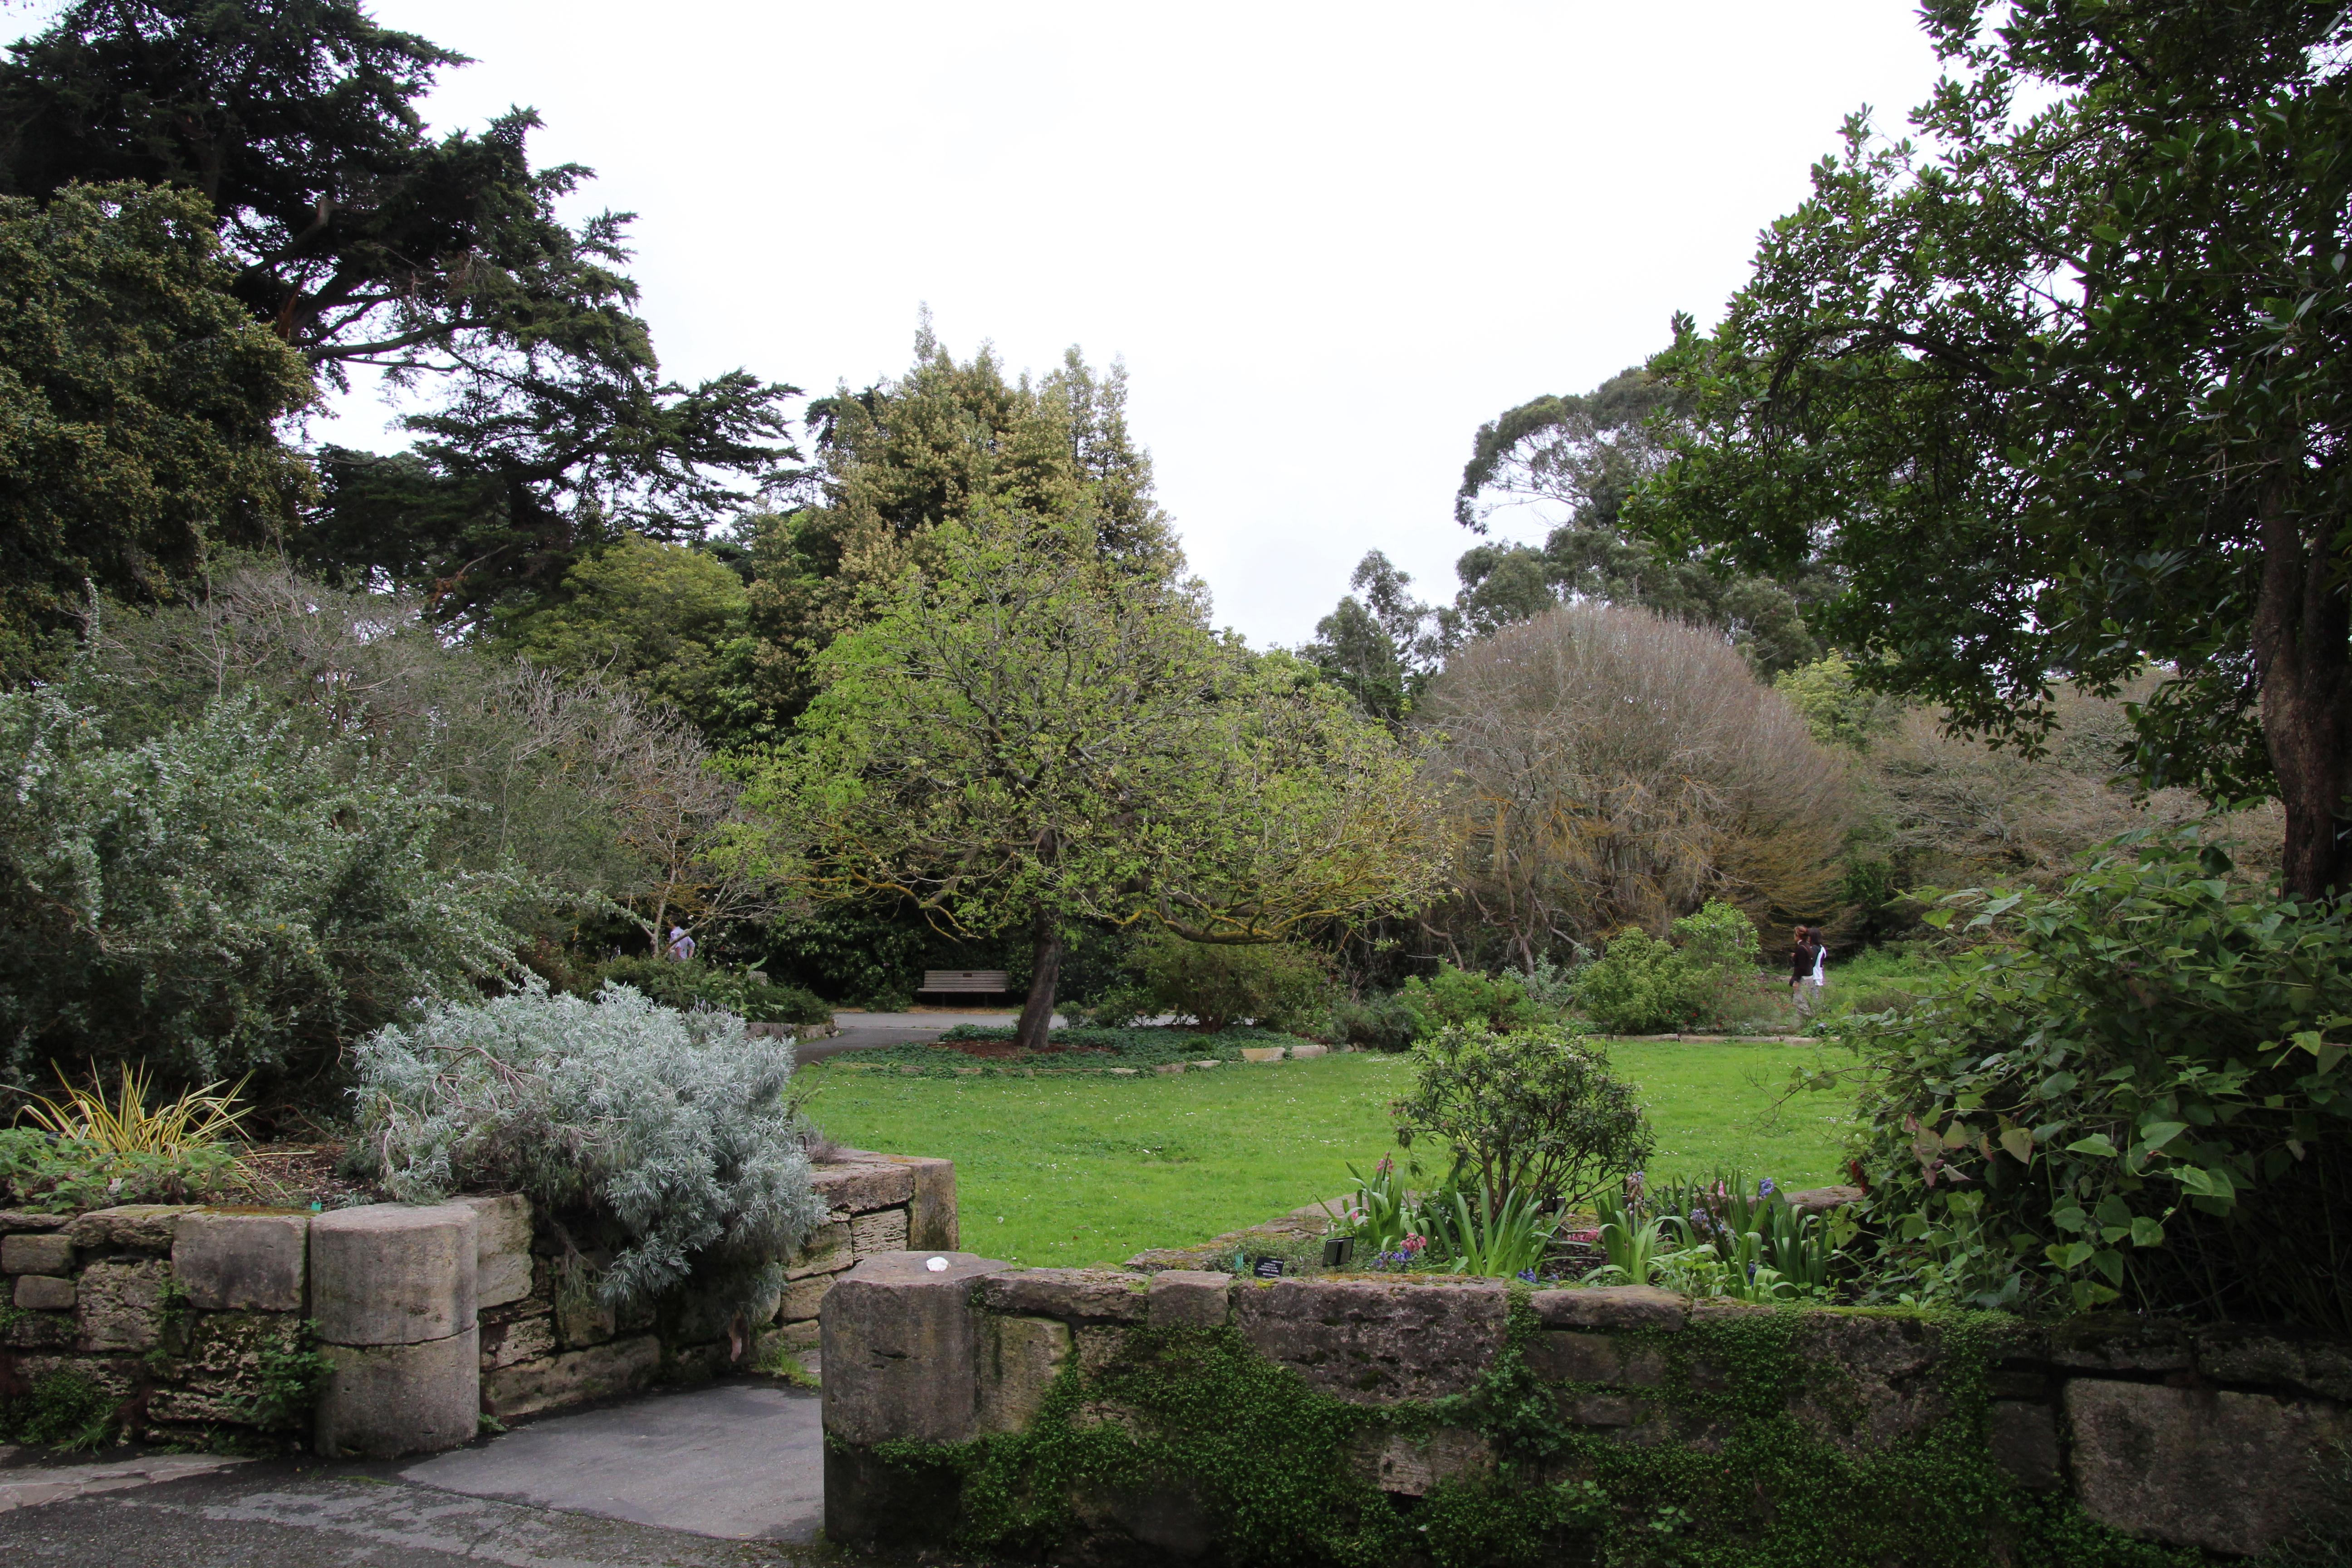 San francisco botanical garden ohio girl travels for San francisco botanical gardens